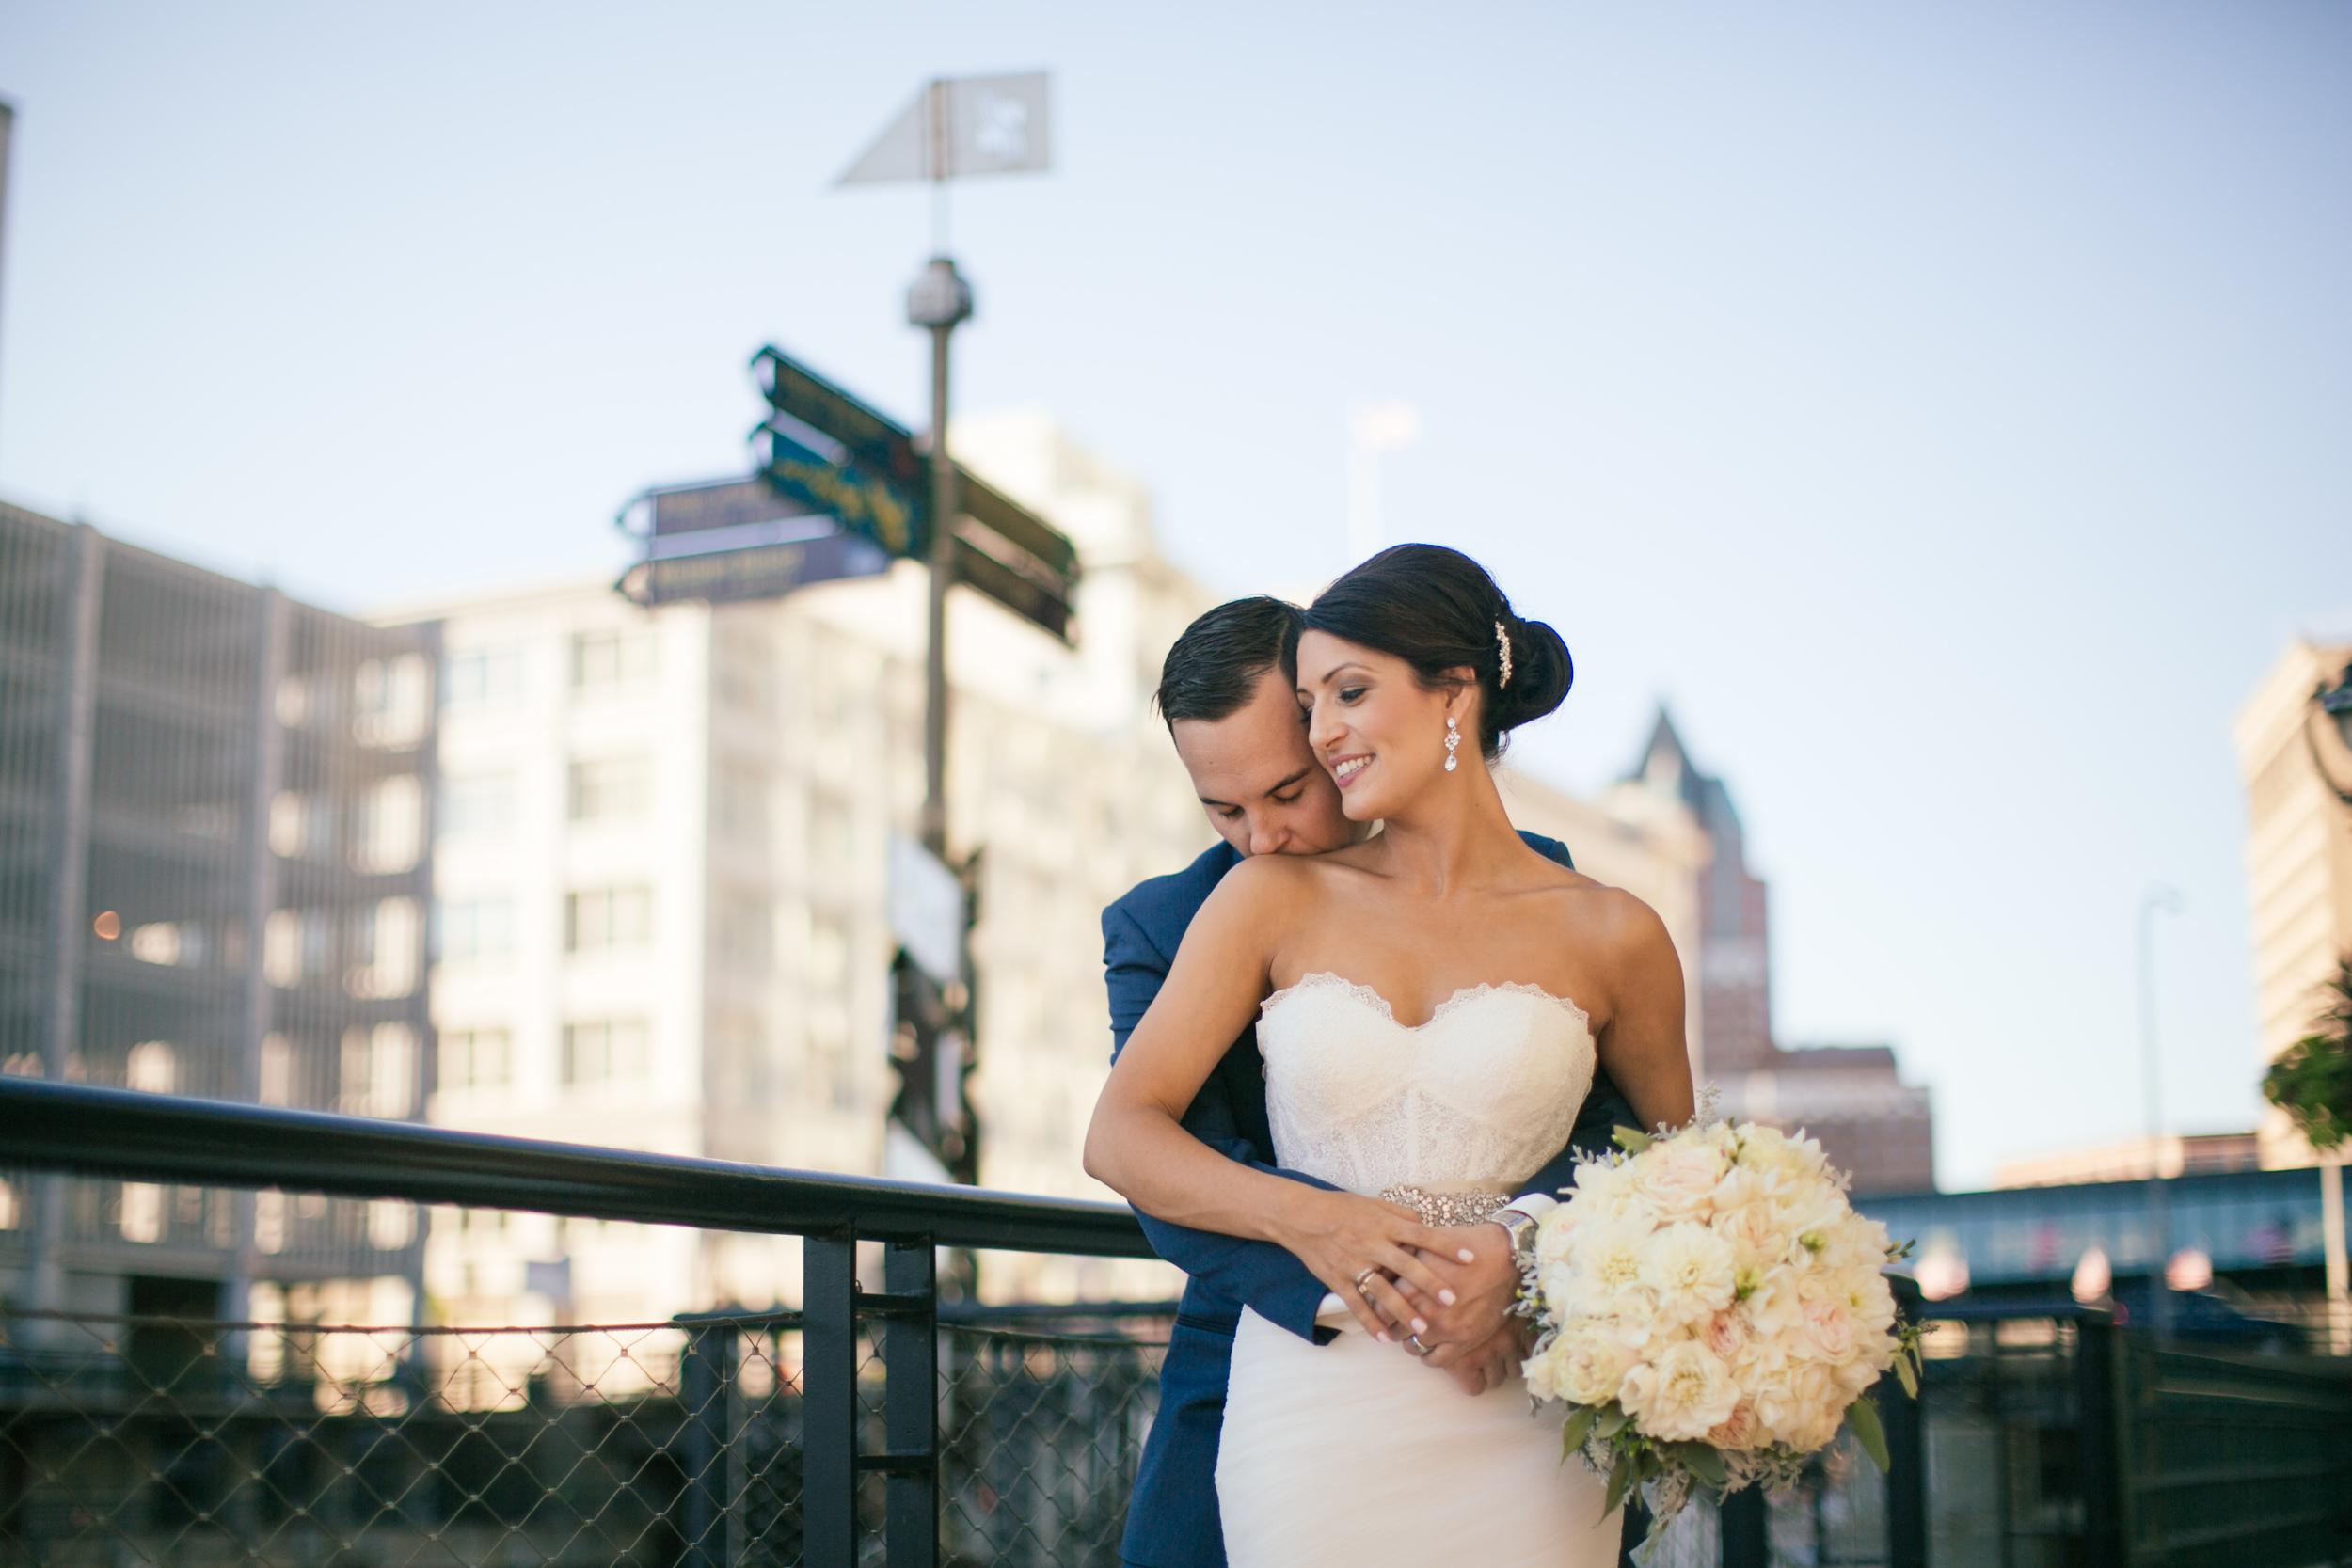 Ashley+Aaron_Acowsay_Cinema_Milwaukee_Wisconsin_Wedding_.jpg